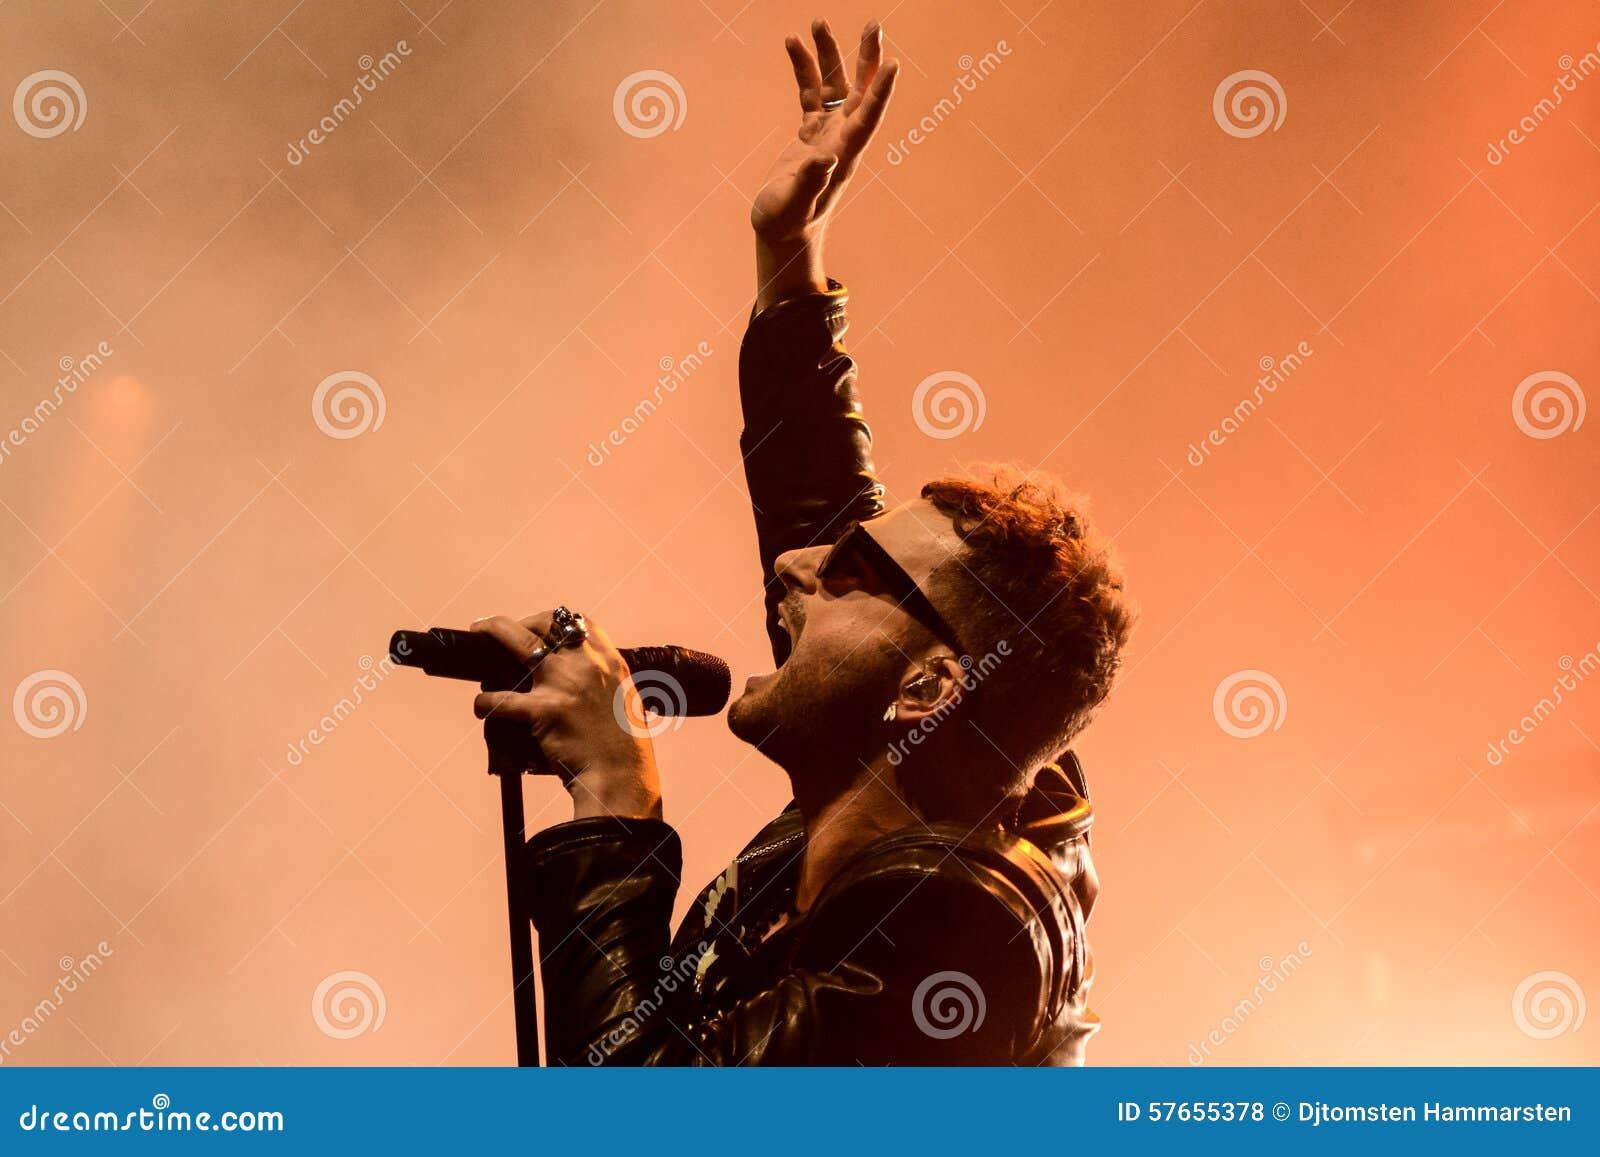 Ola Salo jest Szwedzkim rockowym piosenkarzem